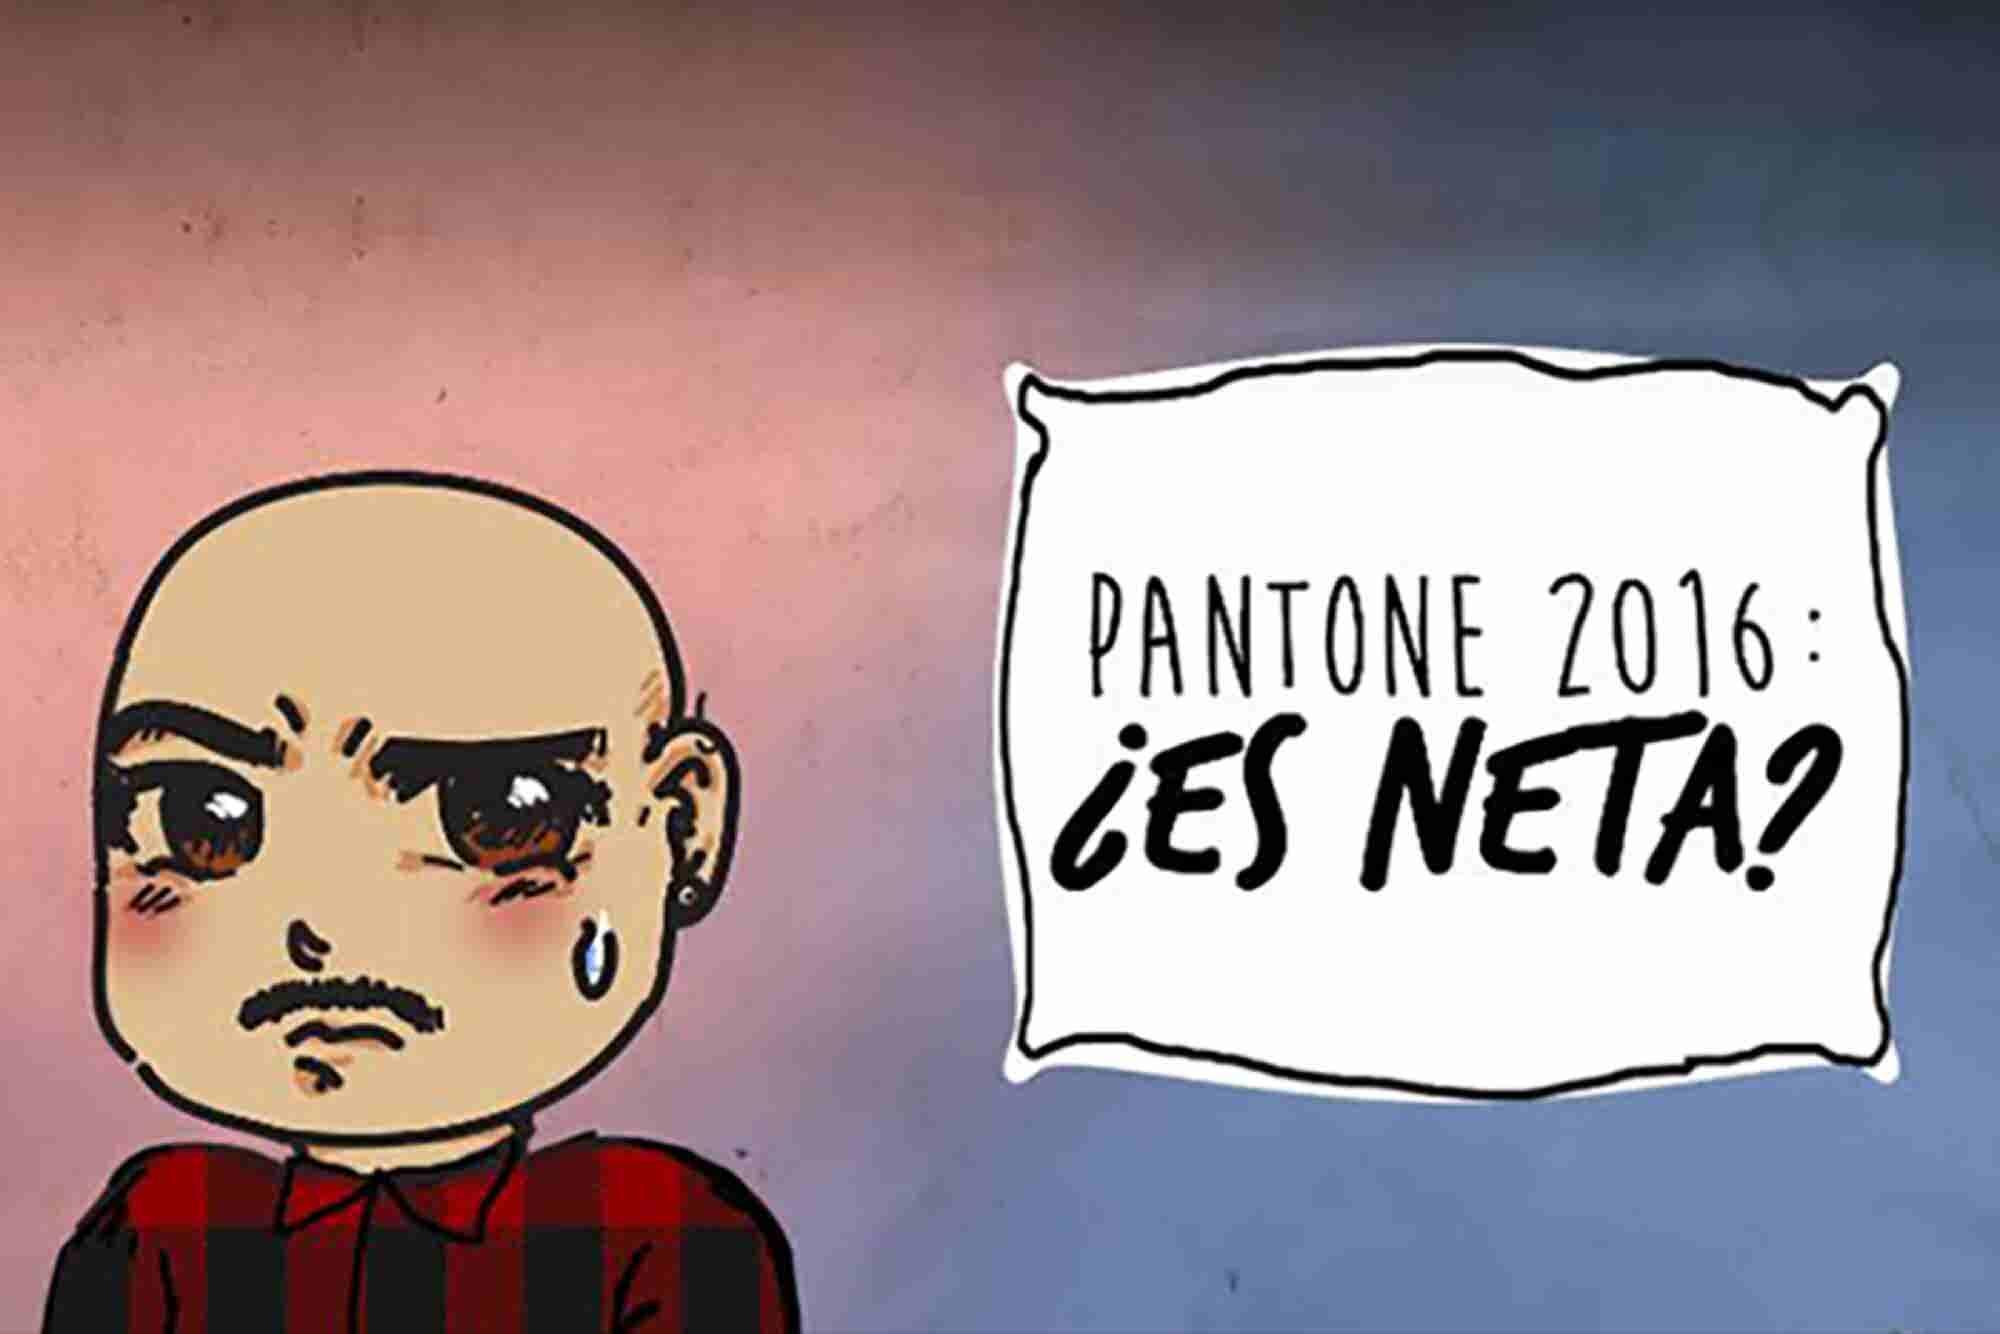 Pantone 2016: ¿Una buena decisión de marketing?